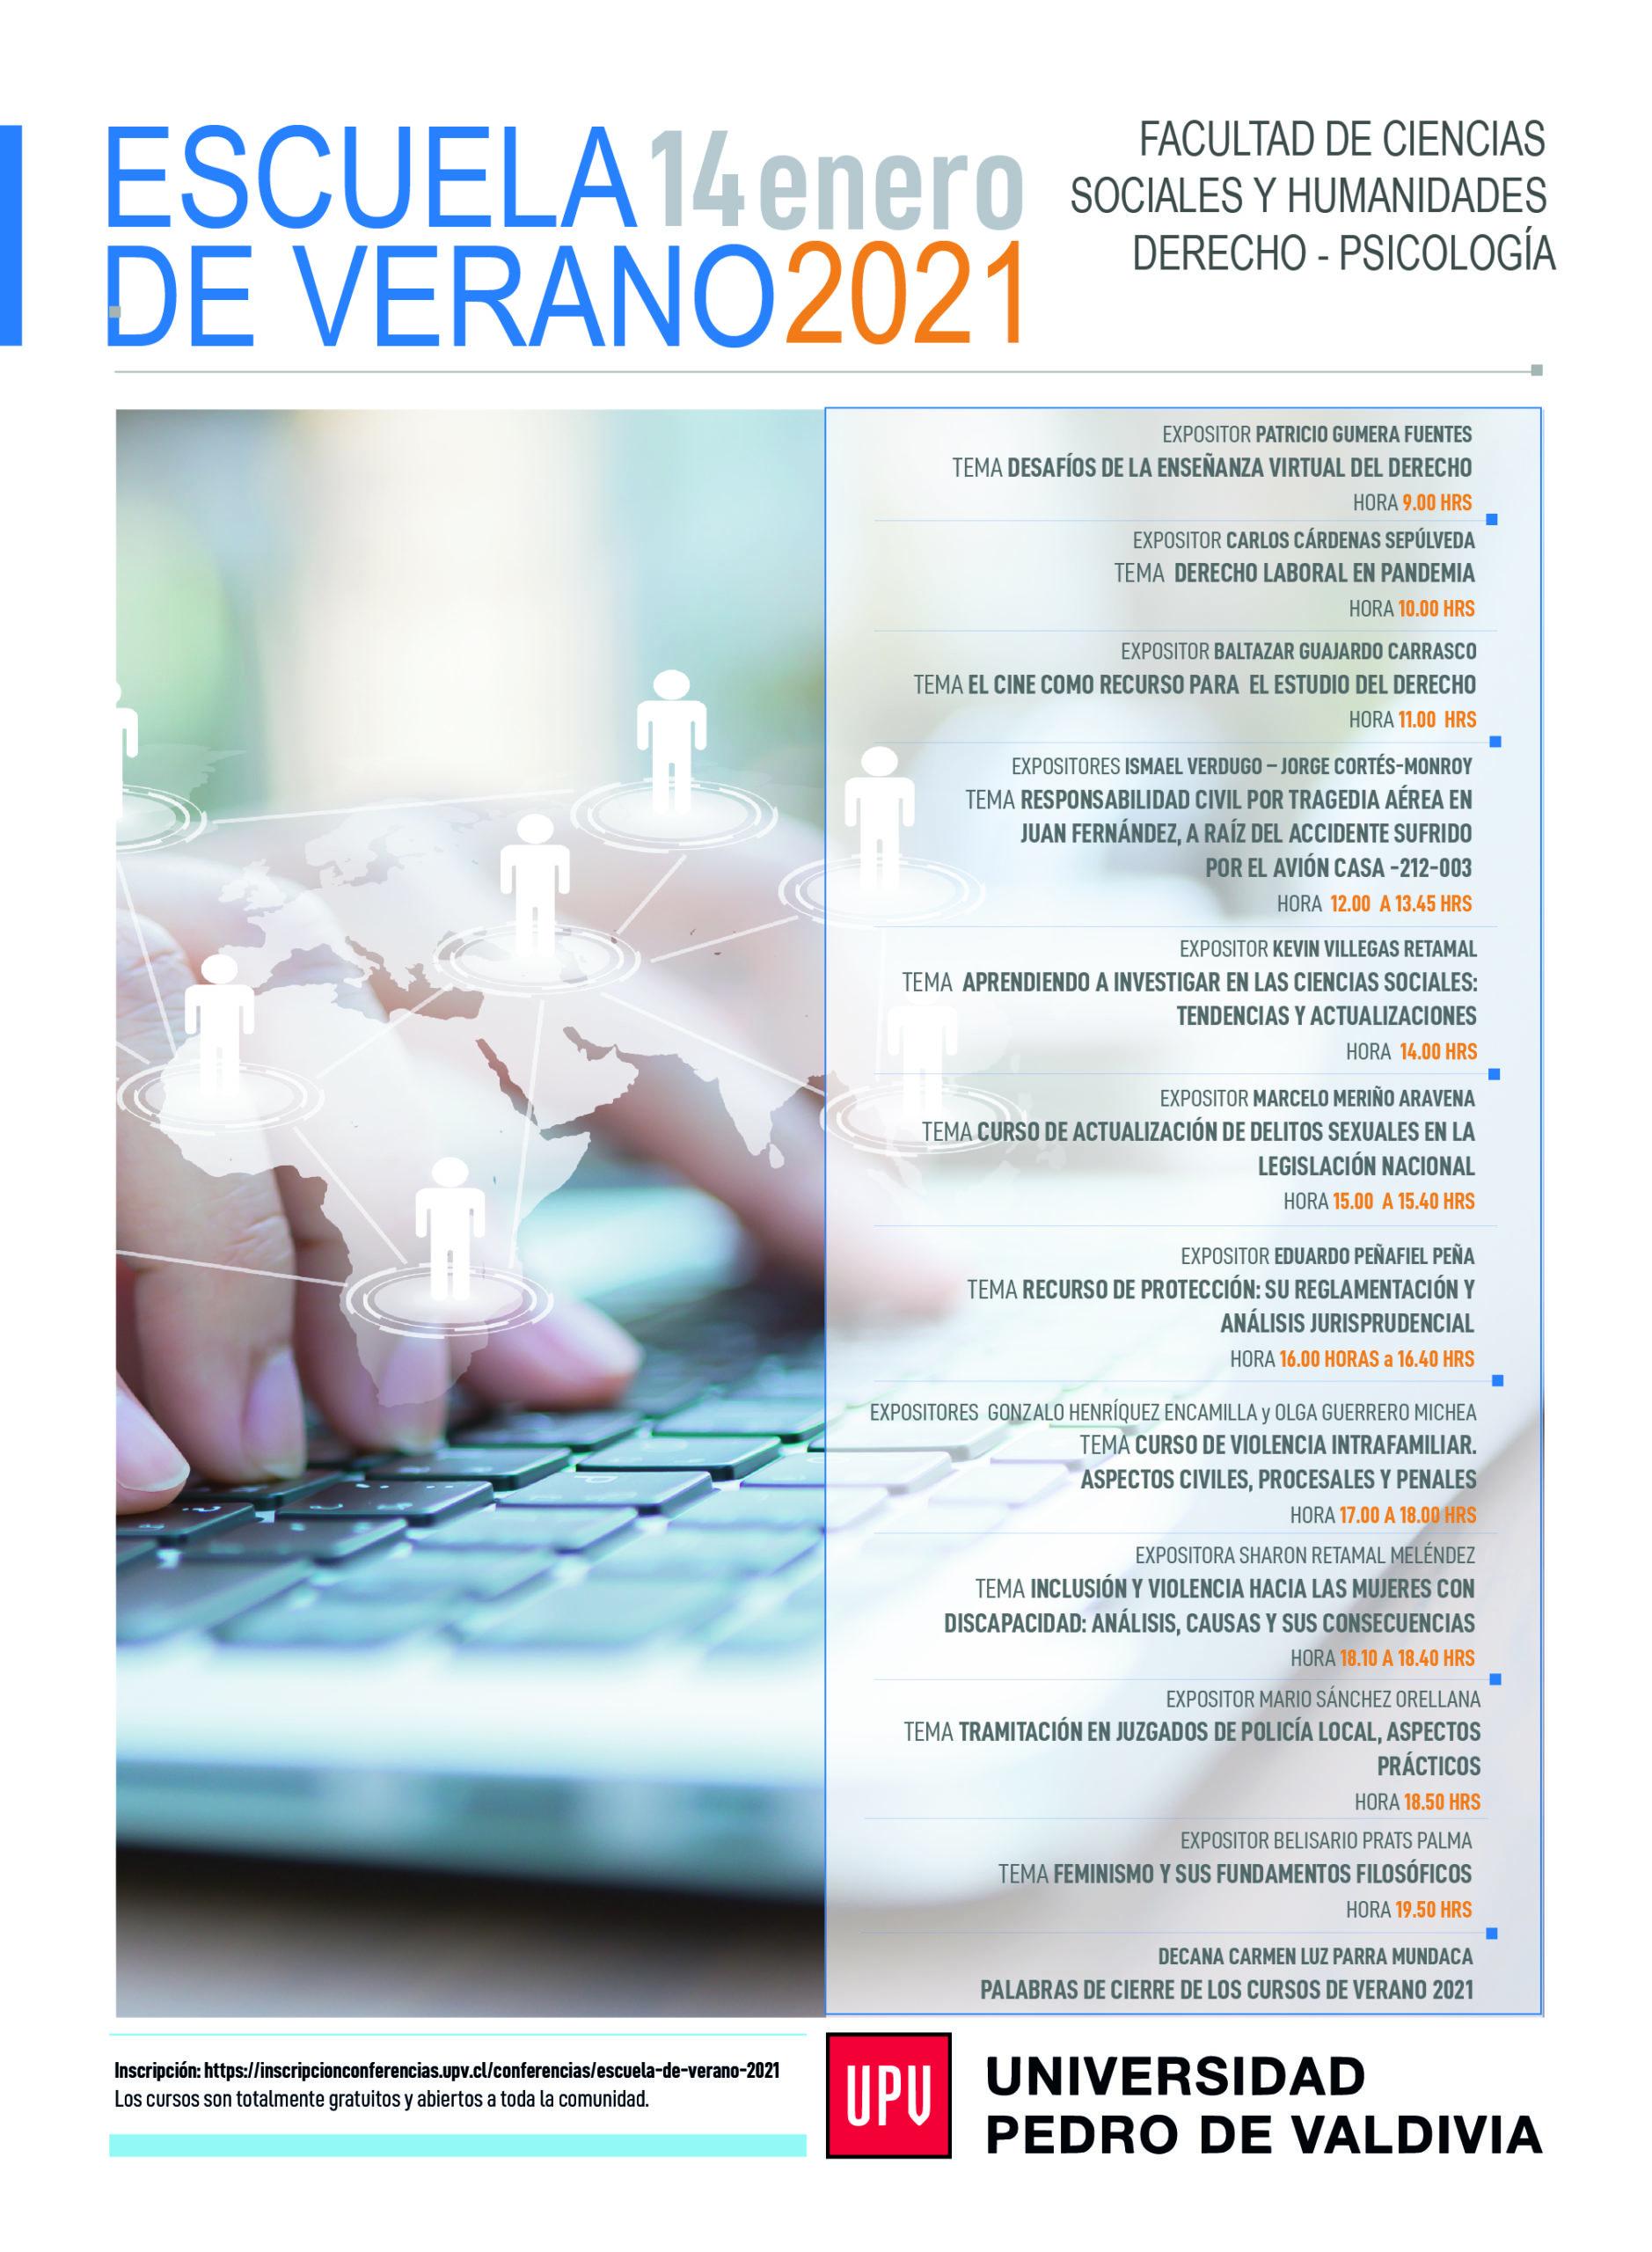 Escuela de verano 2021: Universidad Pedro de Valdivia